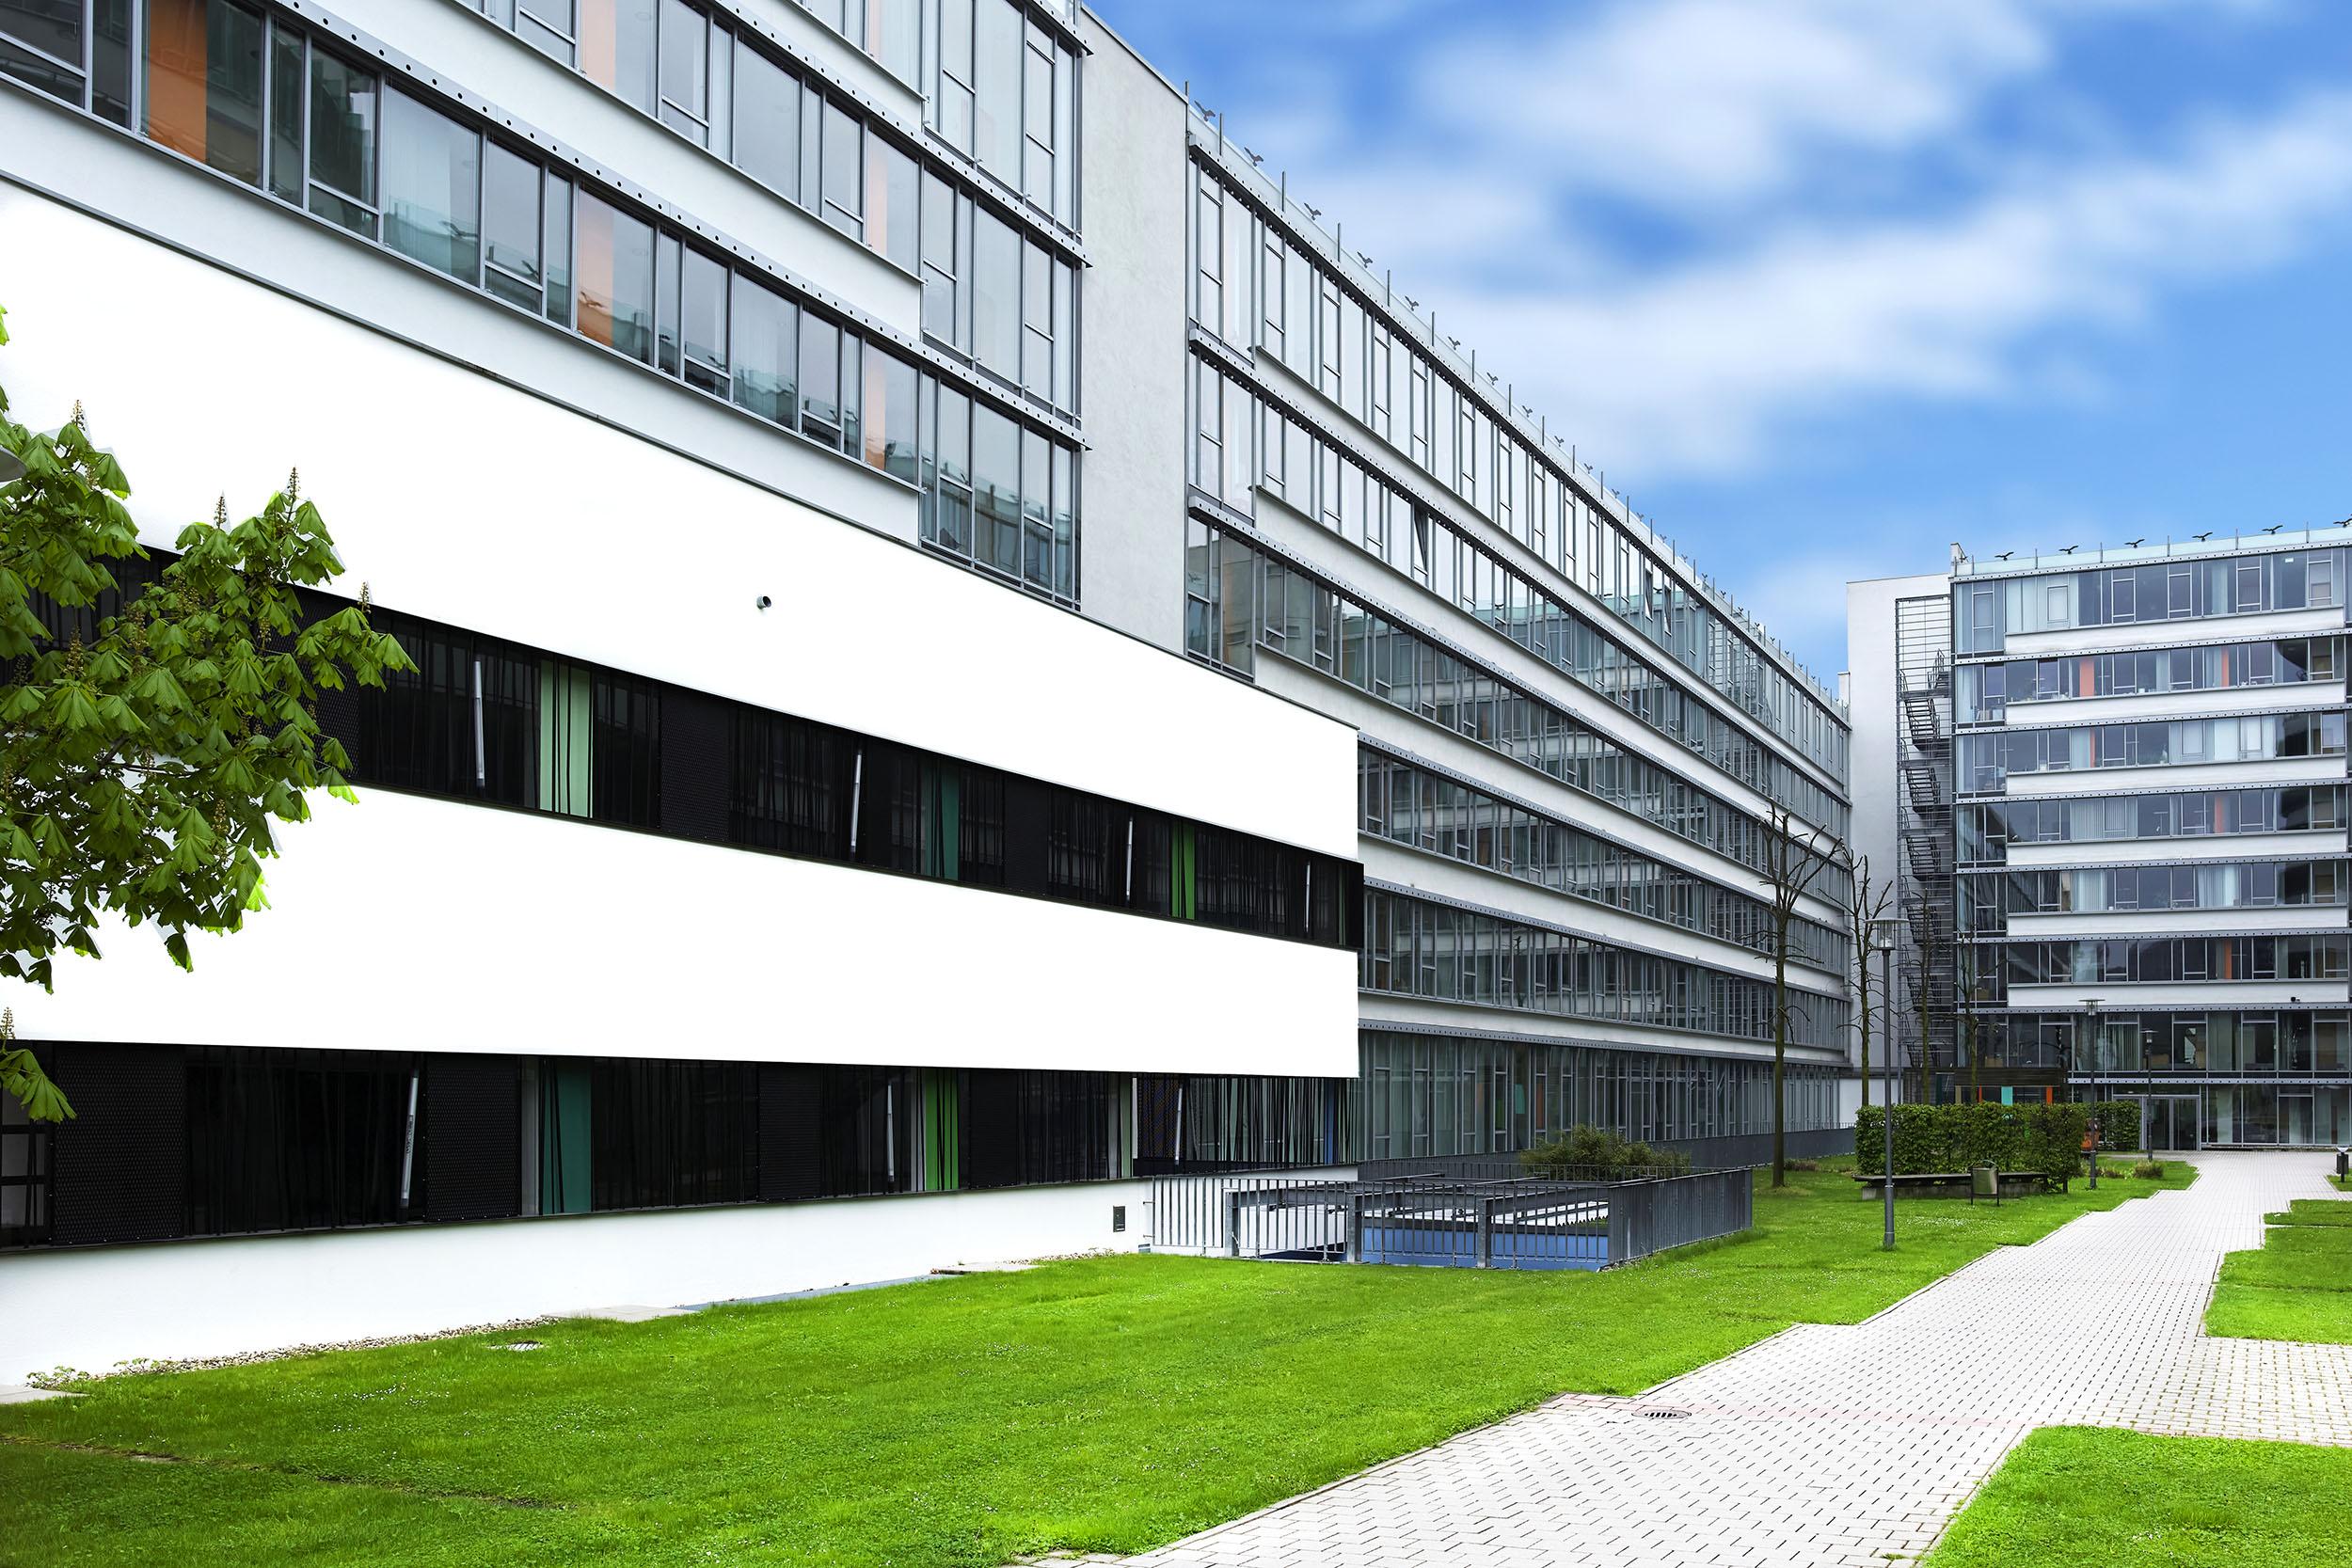 Architekturfotografie, Architekturfotograf, Hamburg, Lübeck, Kiel, Hannover, Bremen, Ramona Petrolle